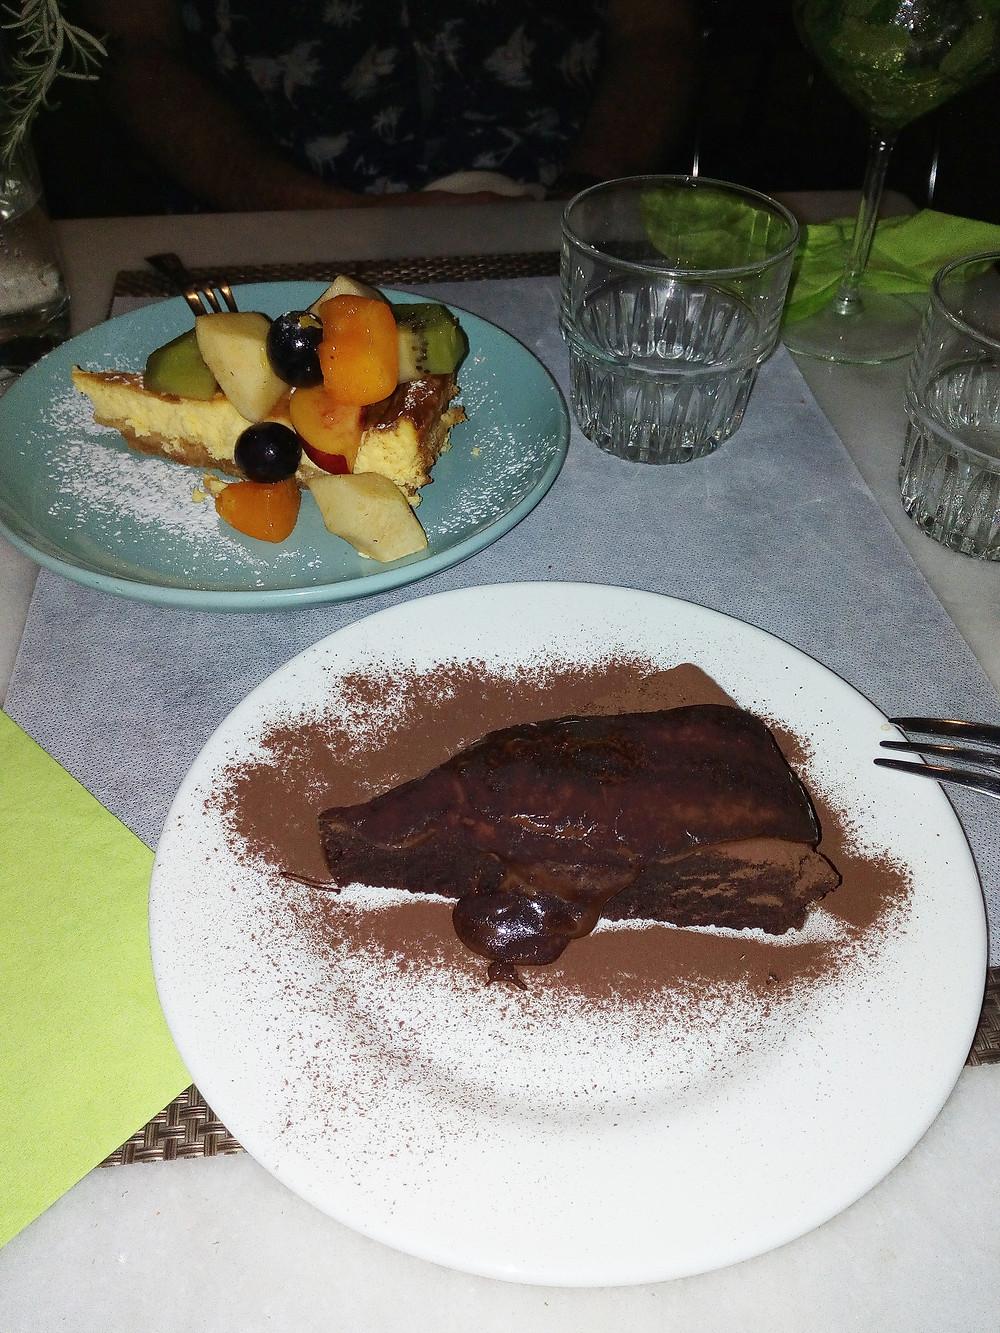 Gluten-free cheesecake and chocolate torte